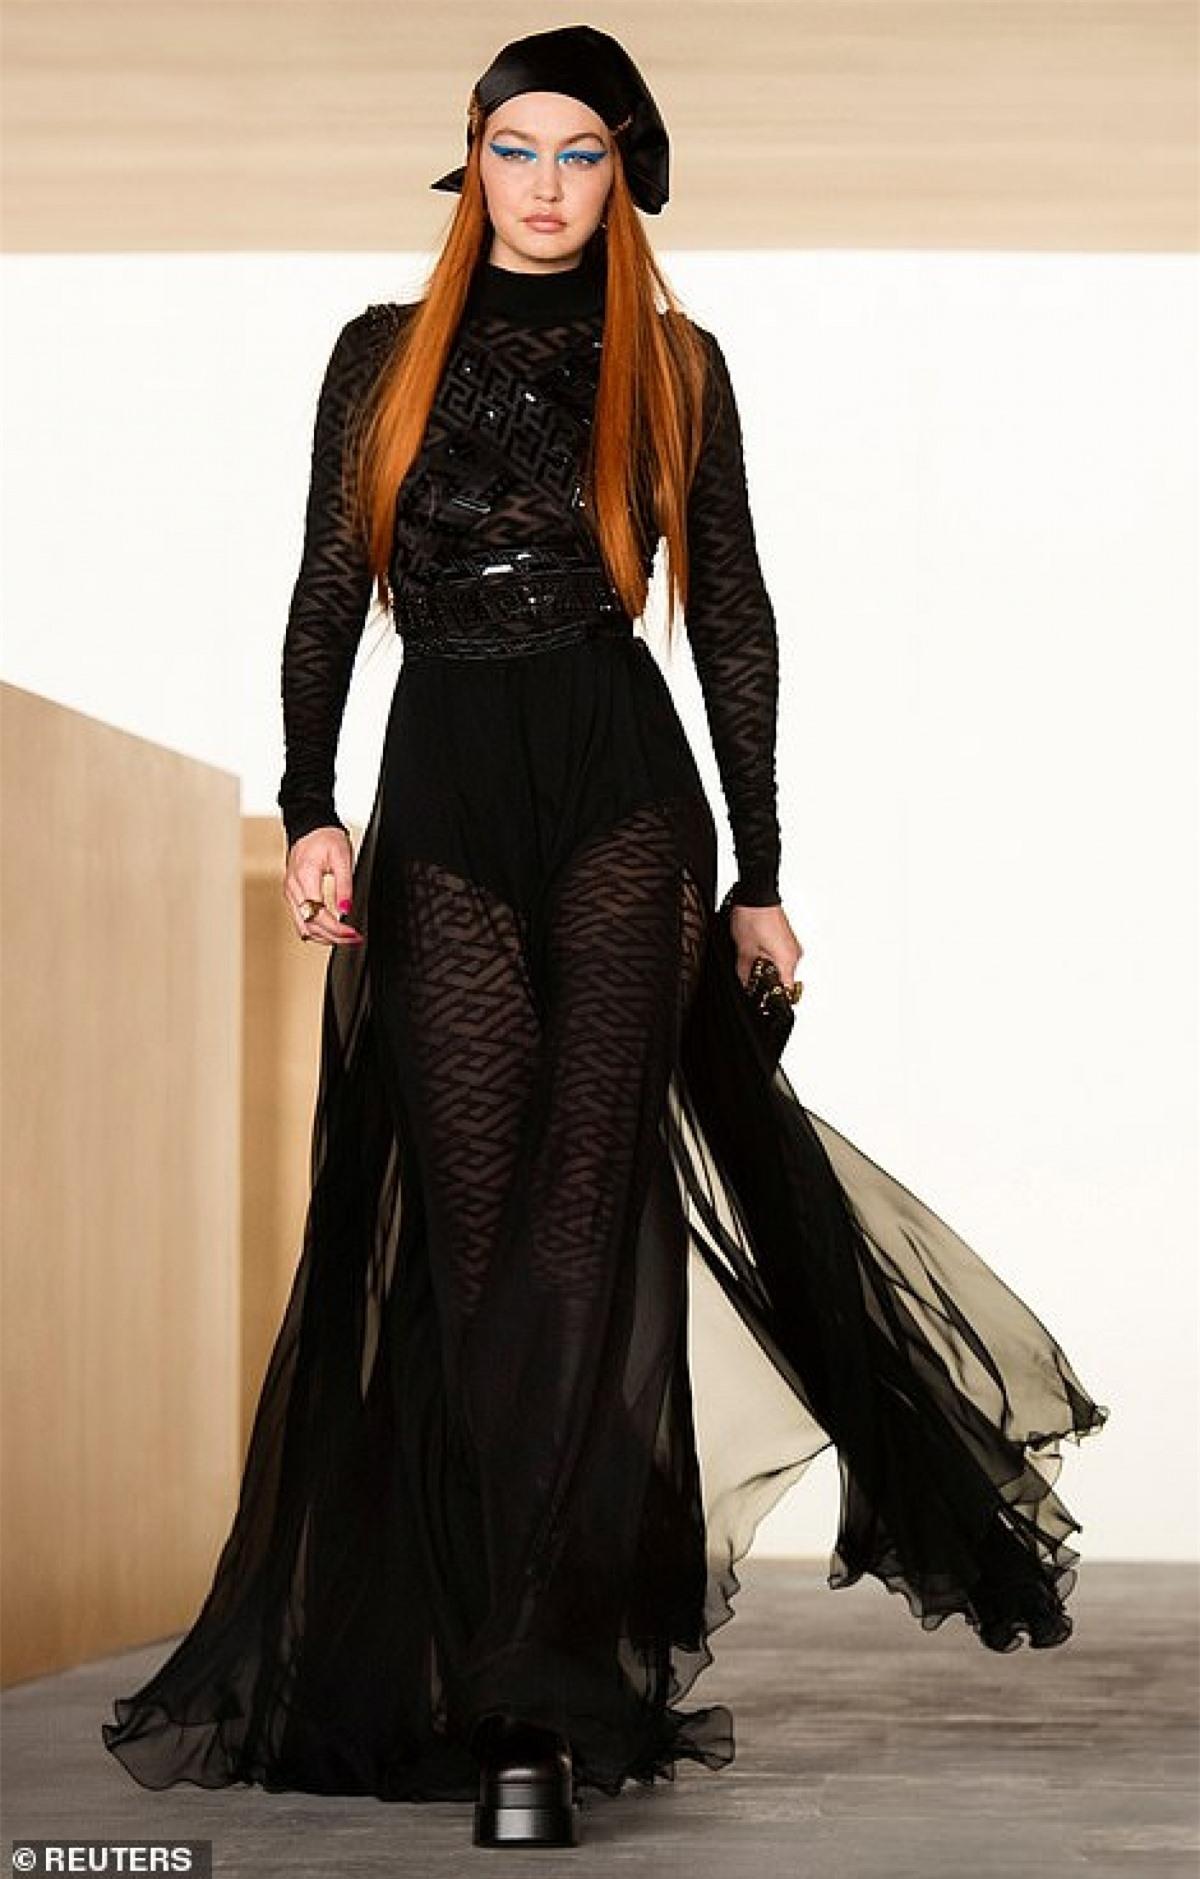 """Trong cuộc phỏng vấn với Vogue trước đó, Gigi Hadid cũng trải lòng về quá trình sinh nở của mình. Người đẹp ví bản thân thời điểm đó trông giống như một """"con thú hoang""""."""